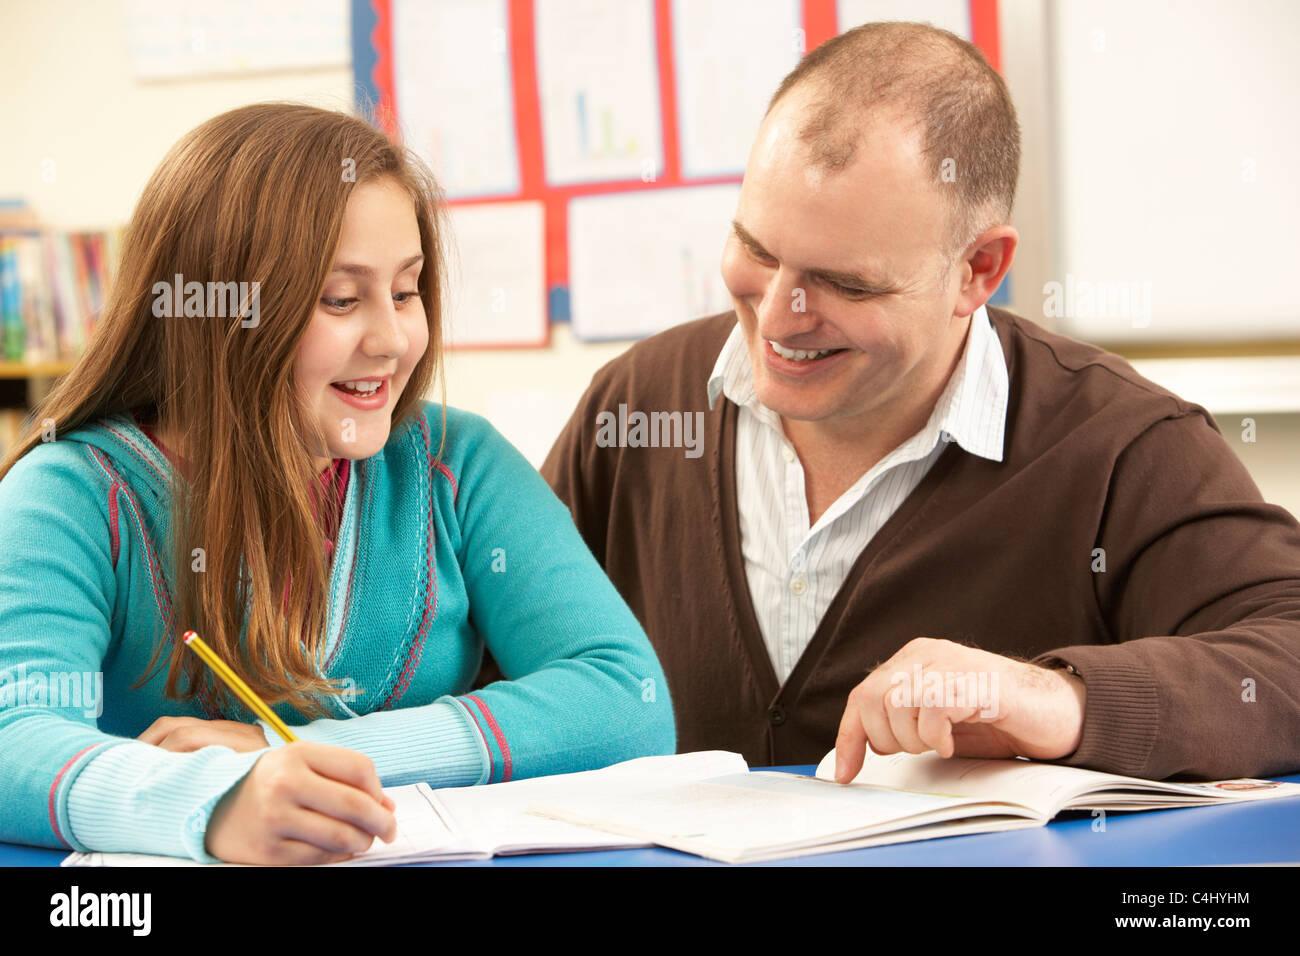 Ученицу на парте учитель 6 фотография